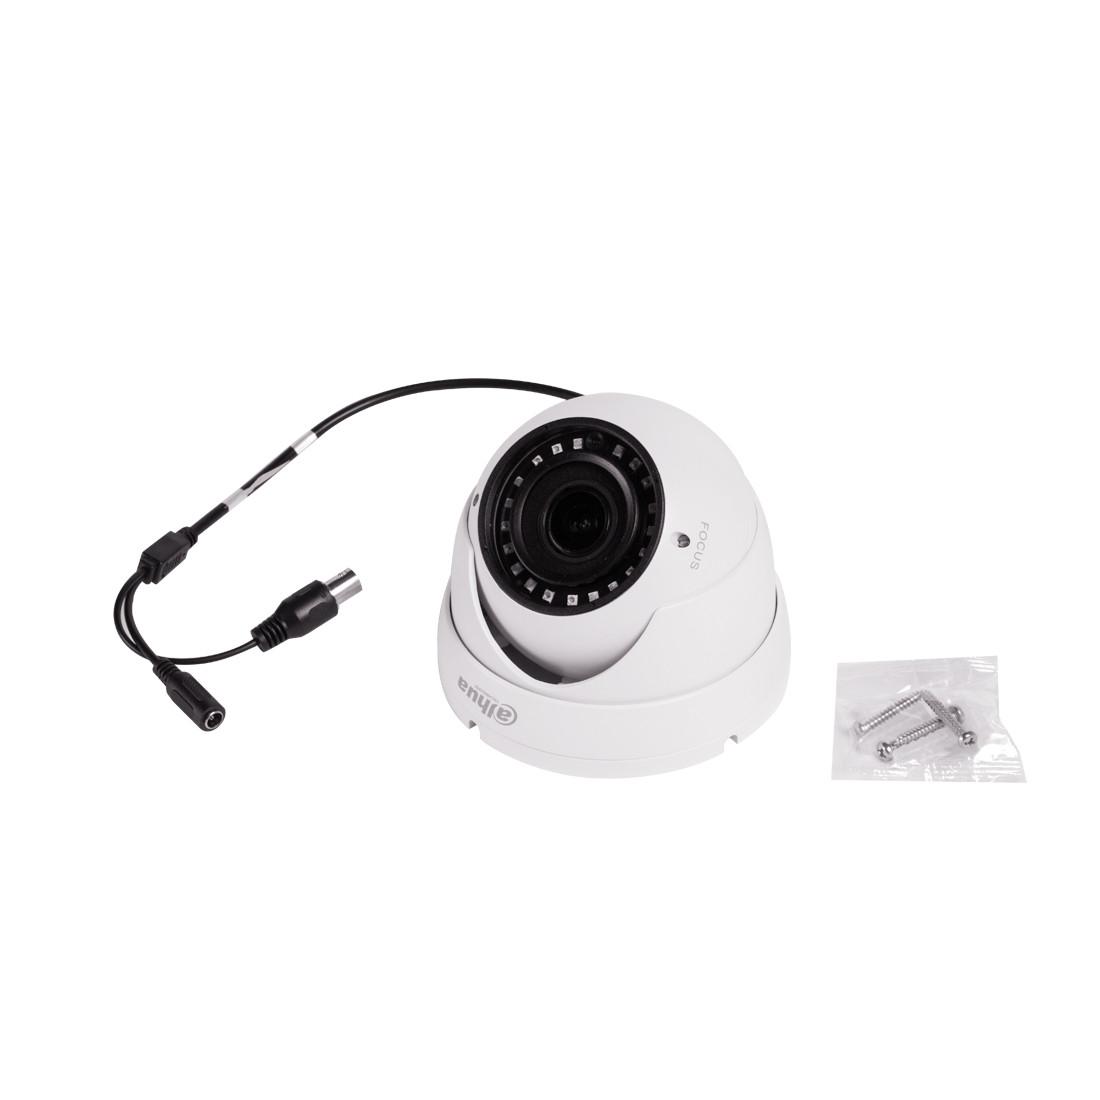 Dahua DH-HAC-HDW1200RP-VF Купольная аналоговая HDCVI видеокамера